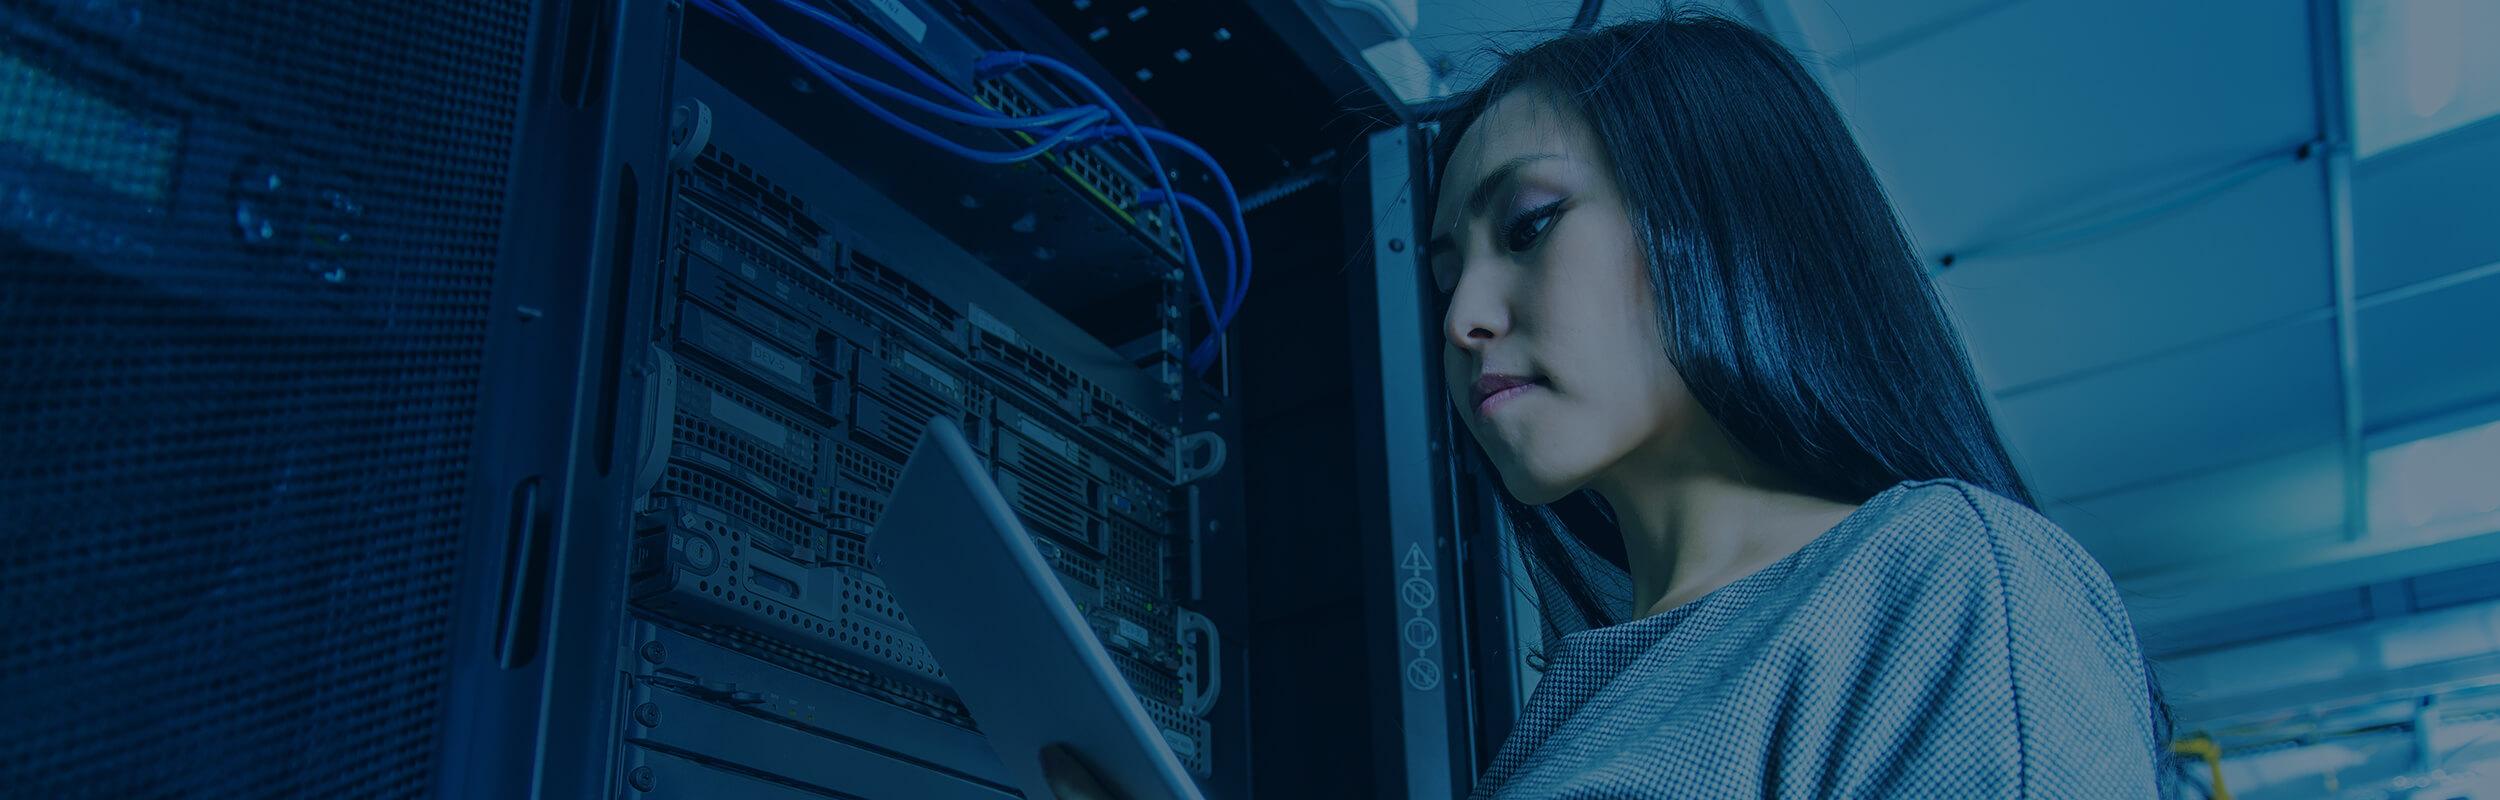 Emplois d'ingénieur de réseaux